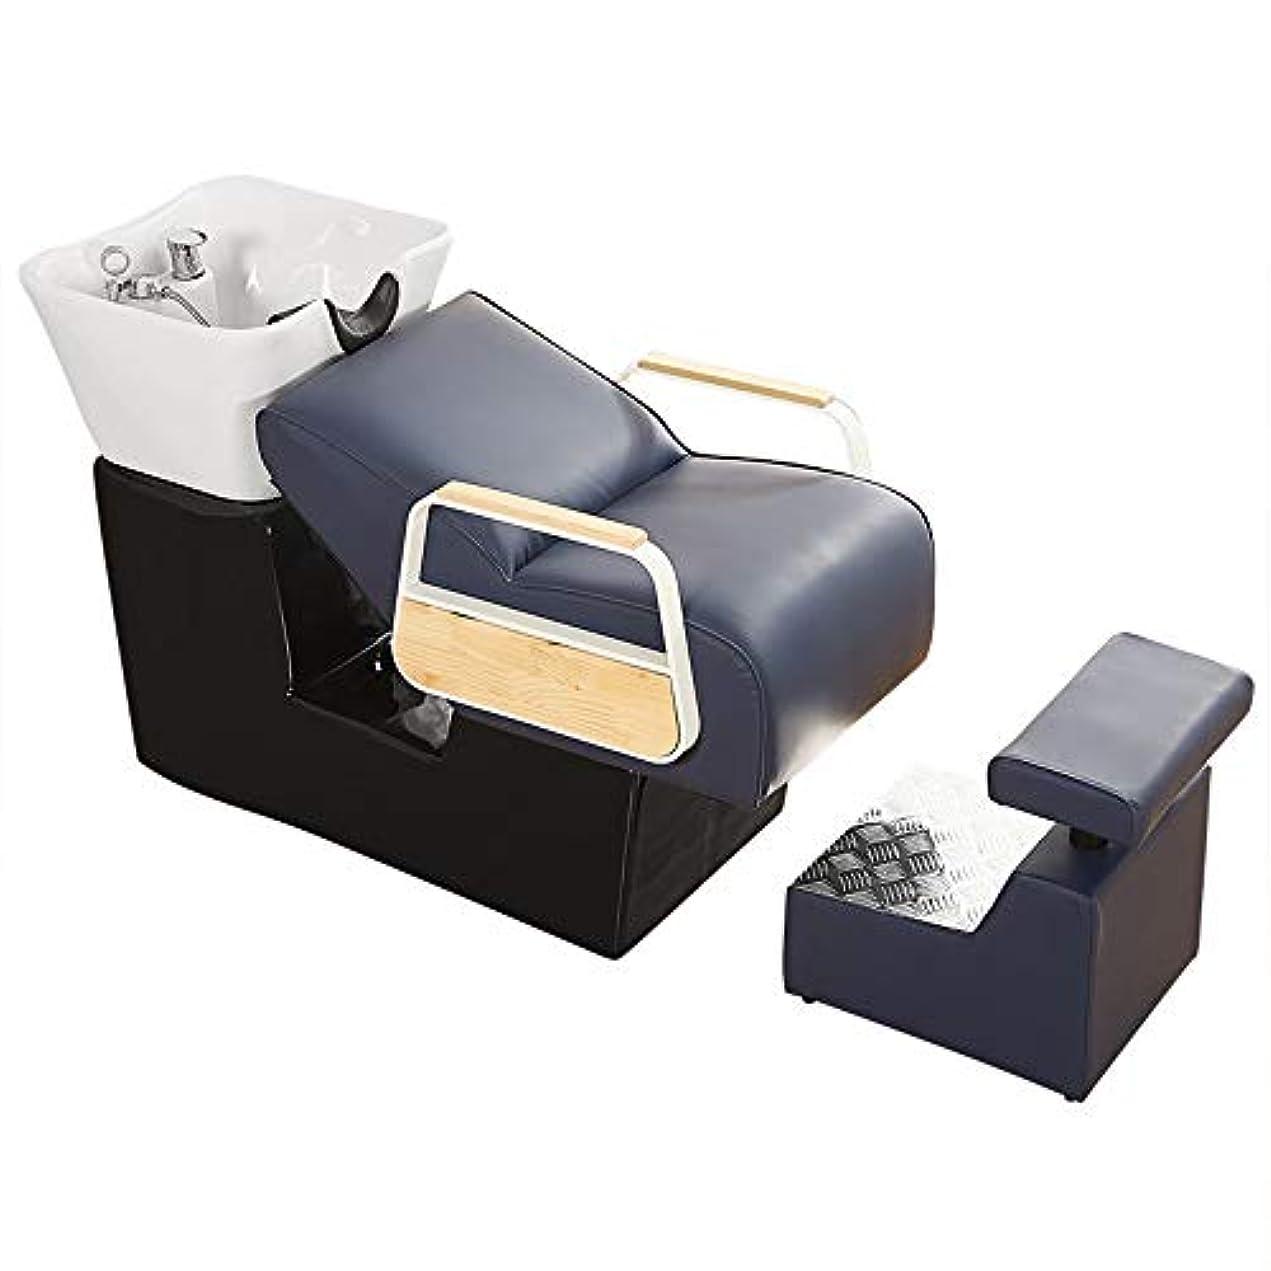 飾り羽不忠粘着性シャンプーの椅子、逆洗の単位の陶磁器の洗面器の洗面器のための洗面器のボウル理髪シンクの椅子